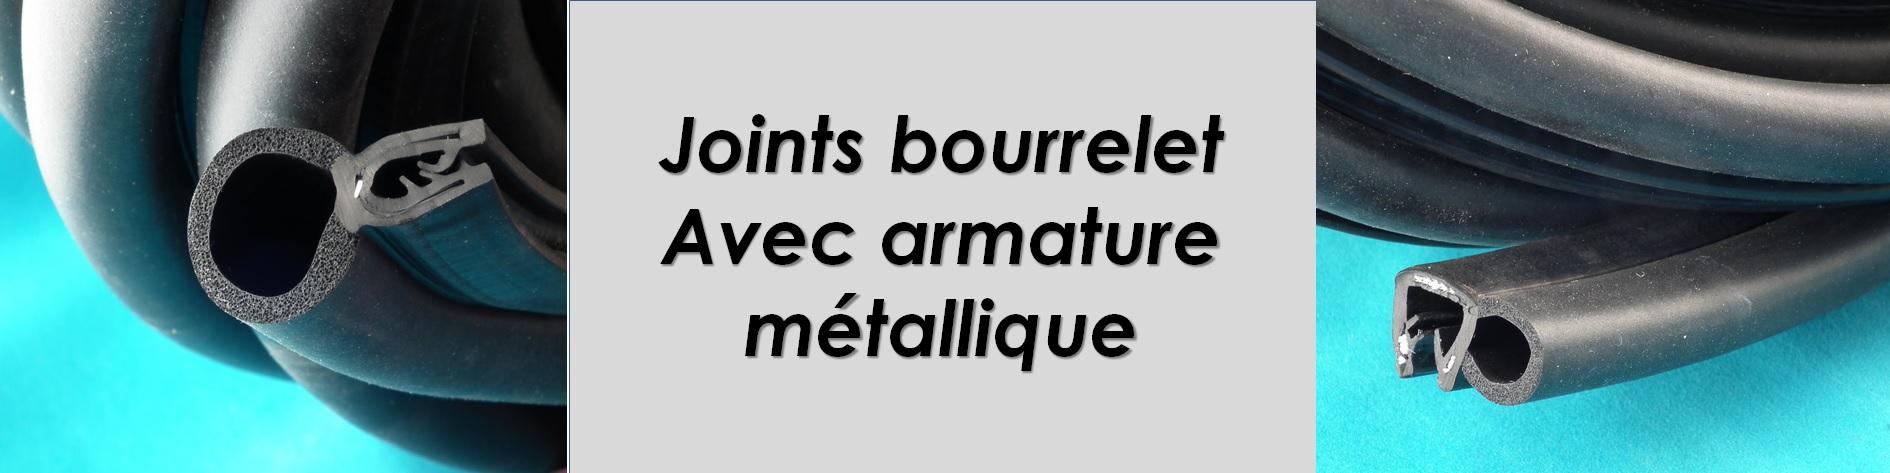 Joint à bourrelet mousse avec pince armature métallique